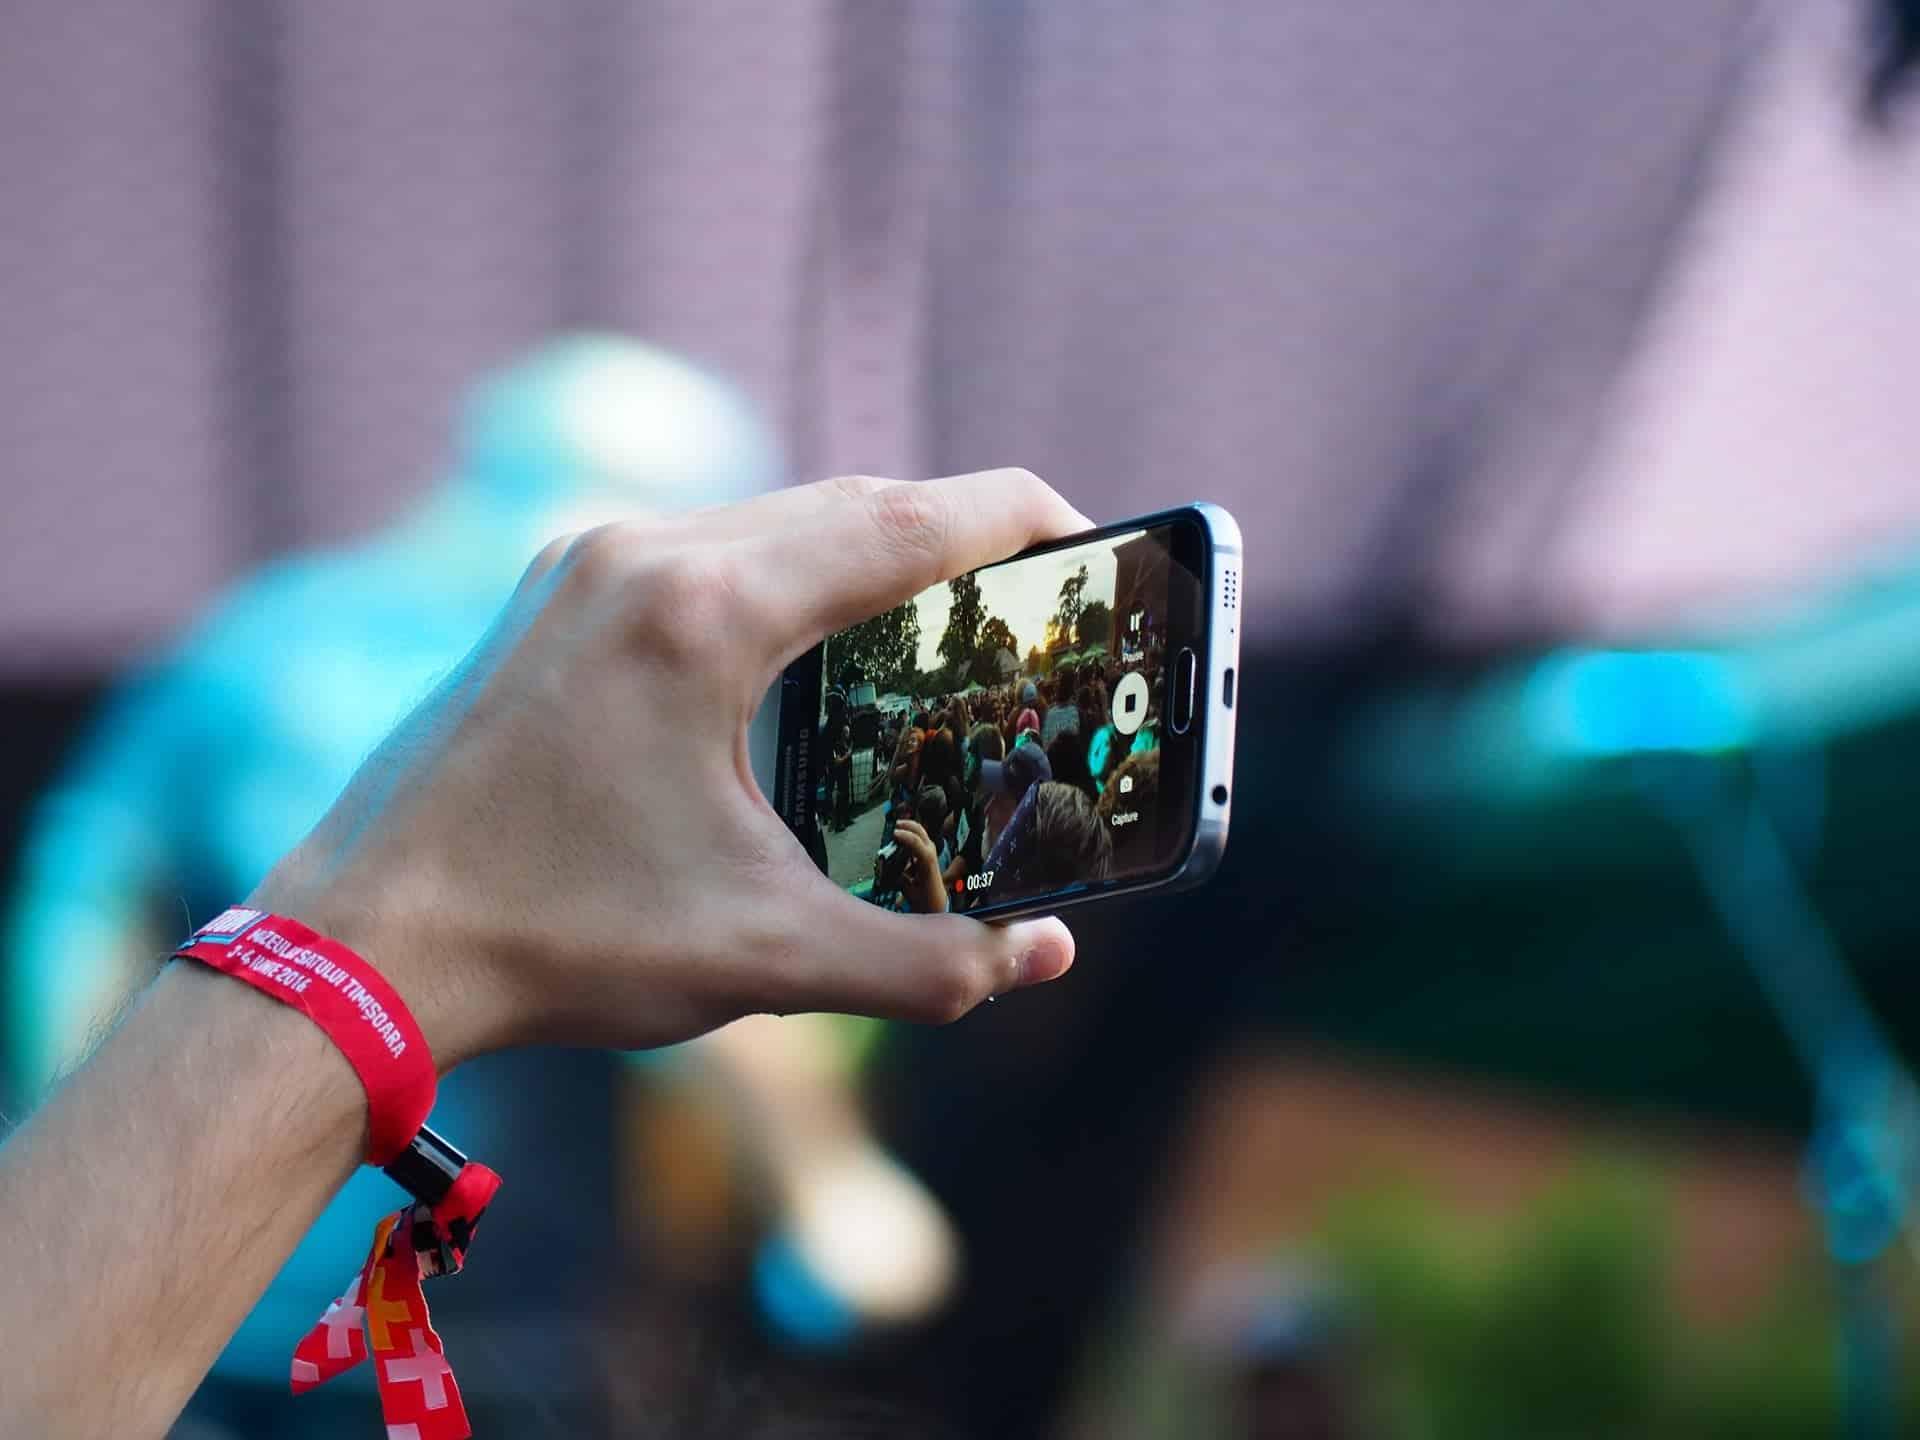 o poder do marketing nas redes sociais